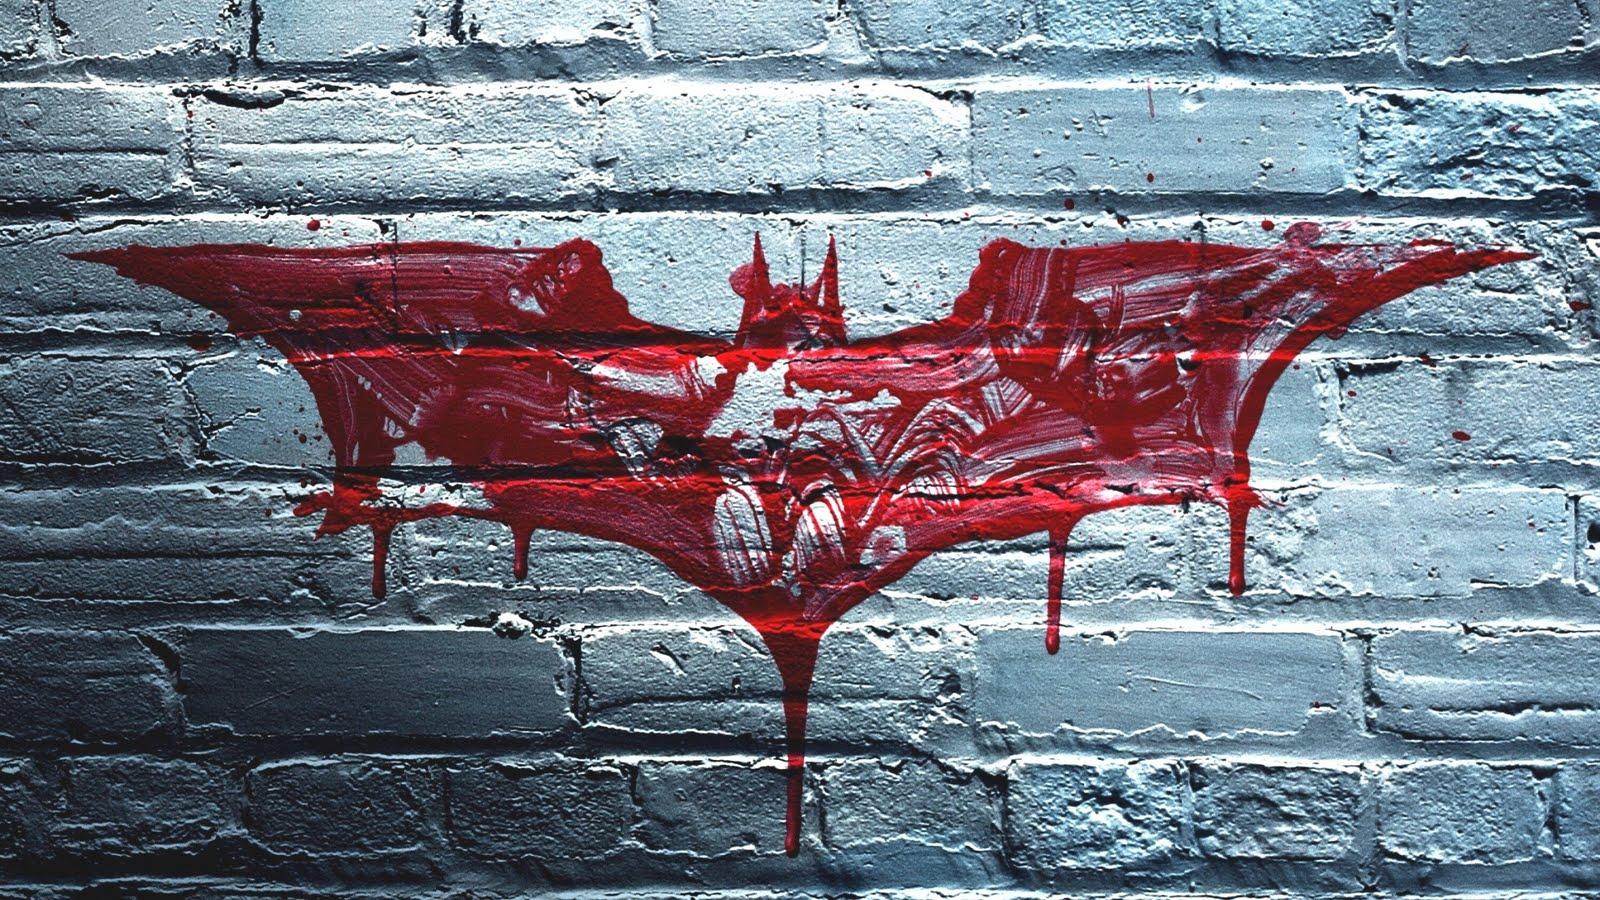 http://1.bp.blogspot.com/_9NA3eH4VZzA/SvcDGqfFJOI/AAAAAAAABLs/P0T3vrT0Zs0/s1600/batman%252Blogo%252Bwallpaper%252B03.jpg